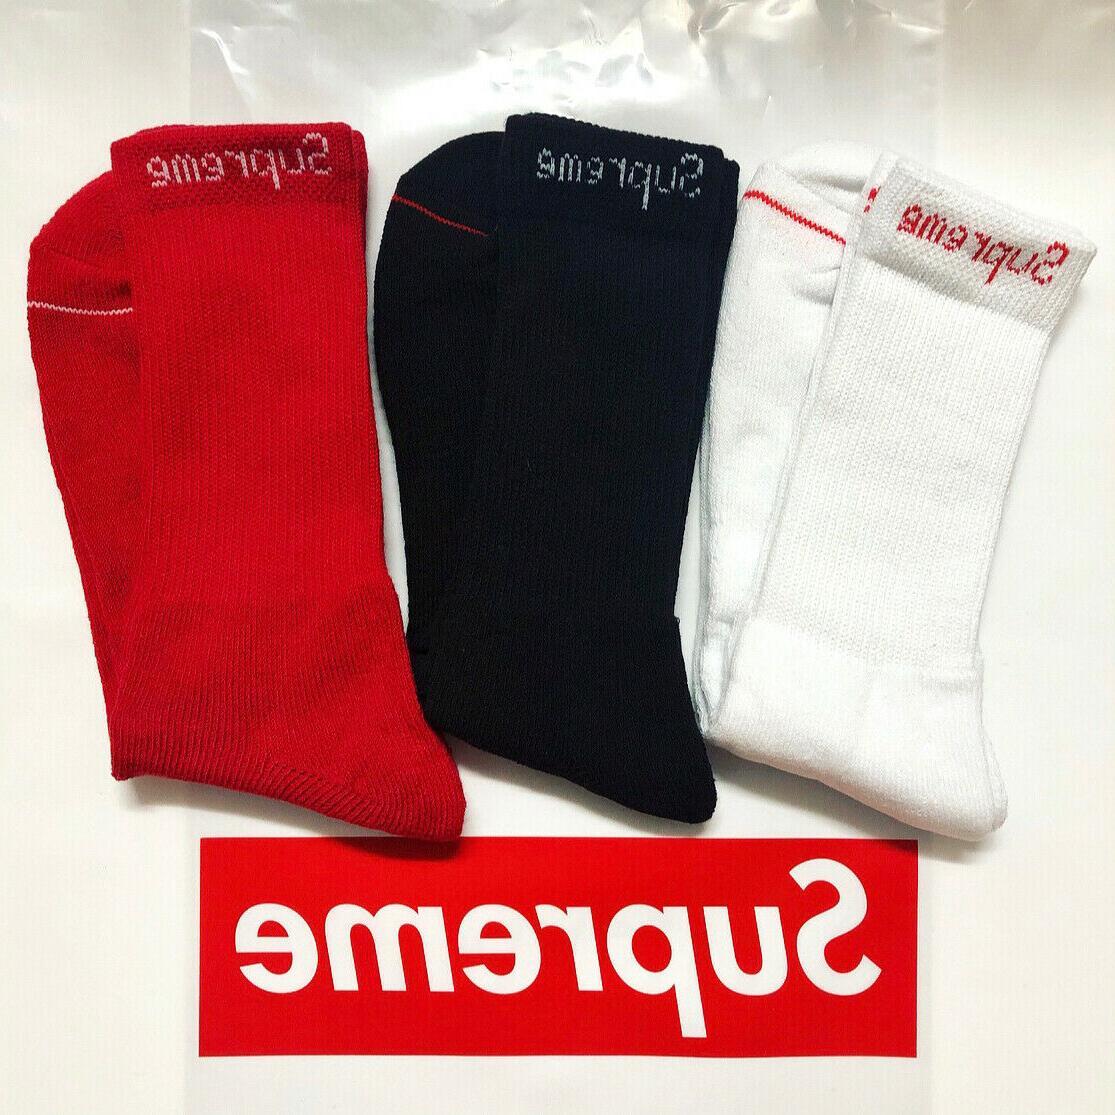 100 percent authentic x hanes crew socks